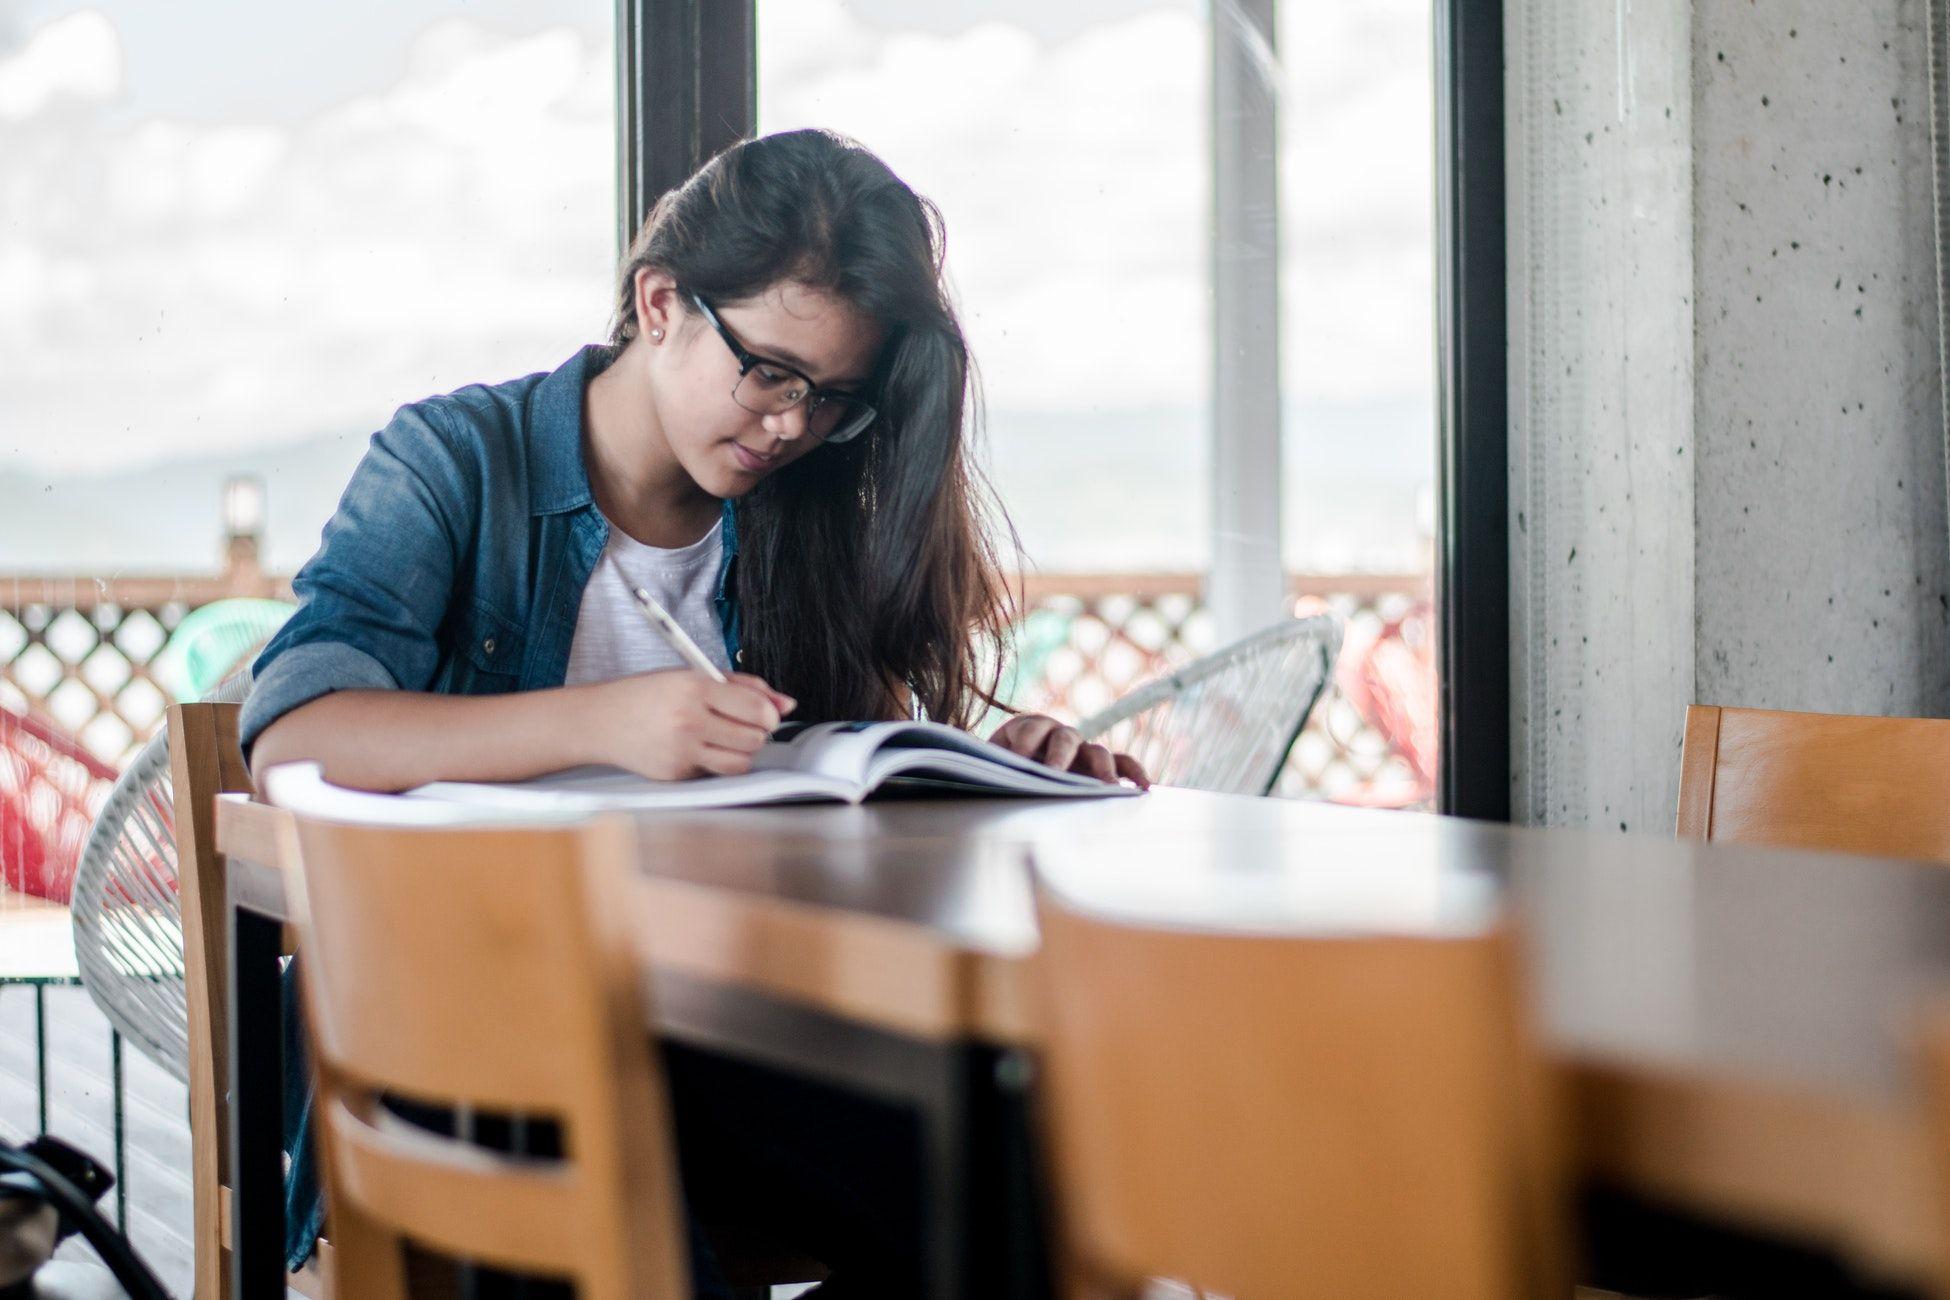 magellan-orientation-scolaire-etudiante-livre-écrire